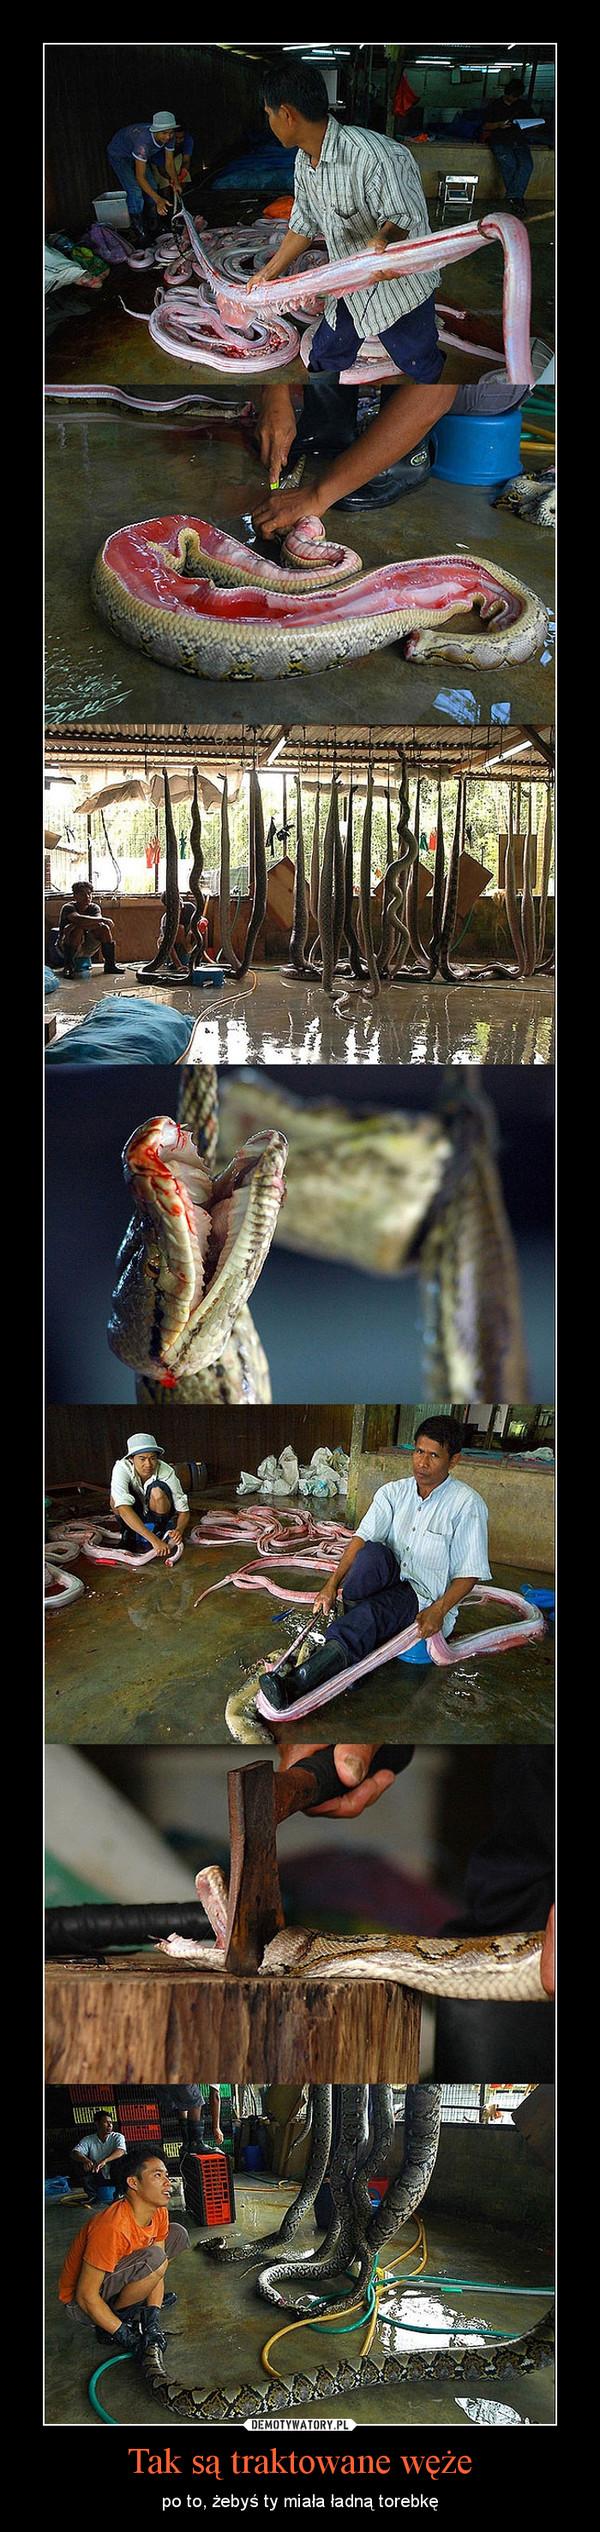 Tak są traktowane węże – po to, żebyś ty miała ładną torebkę